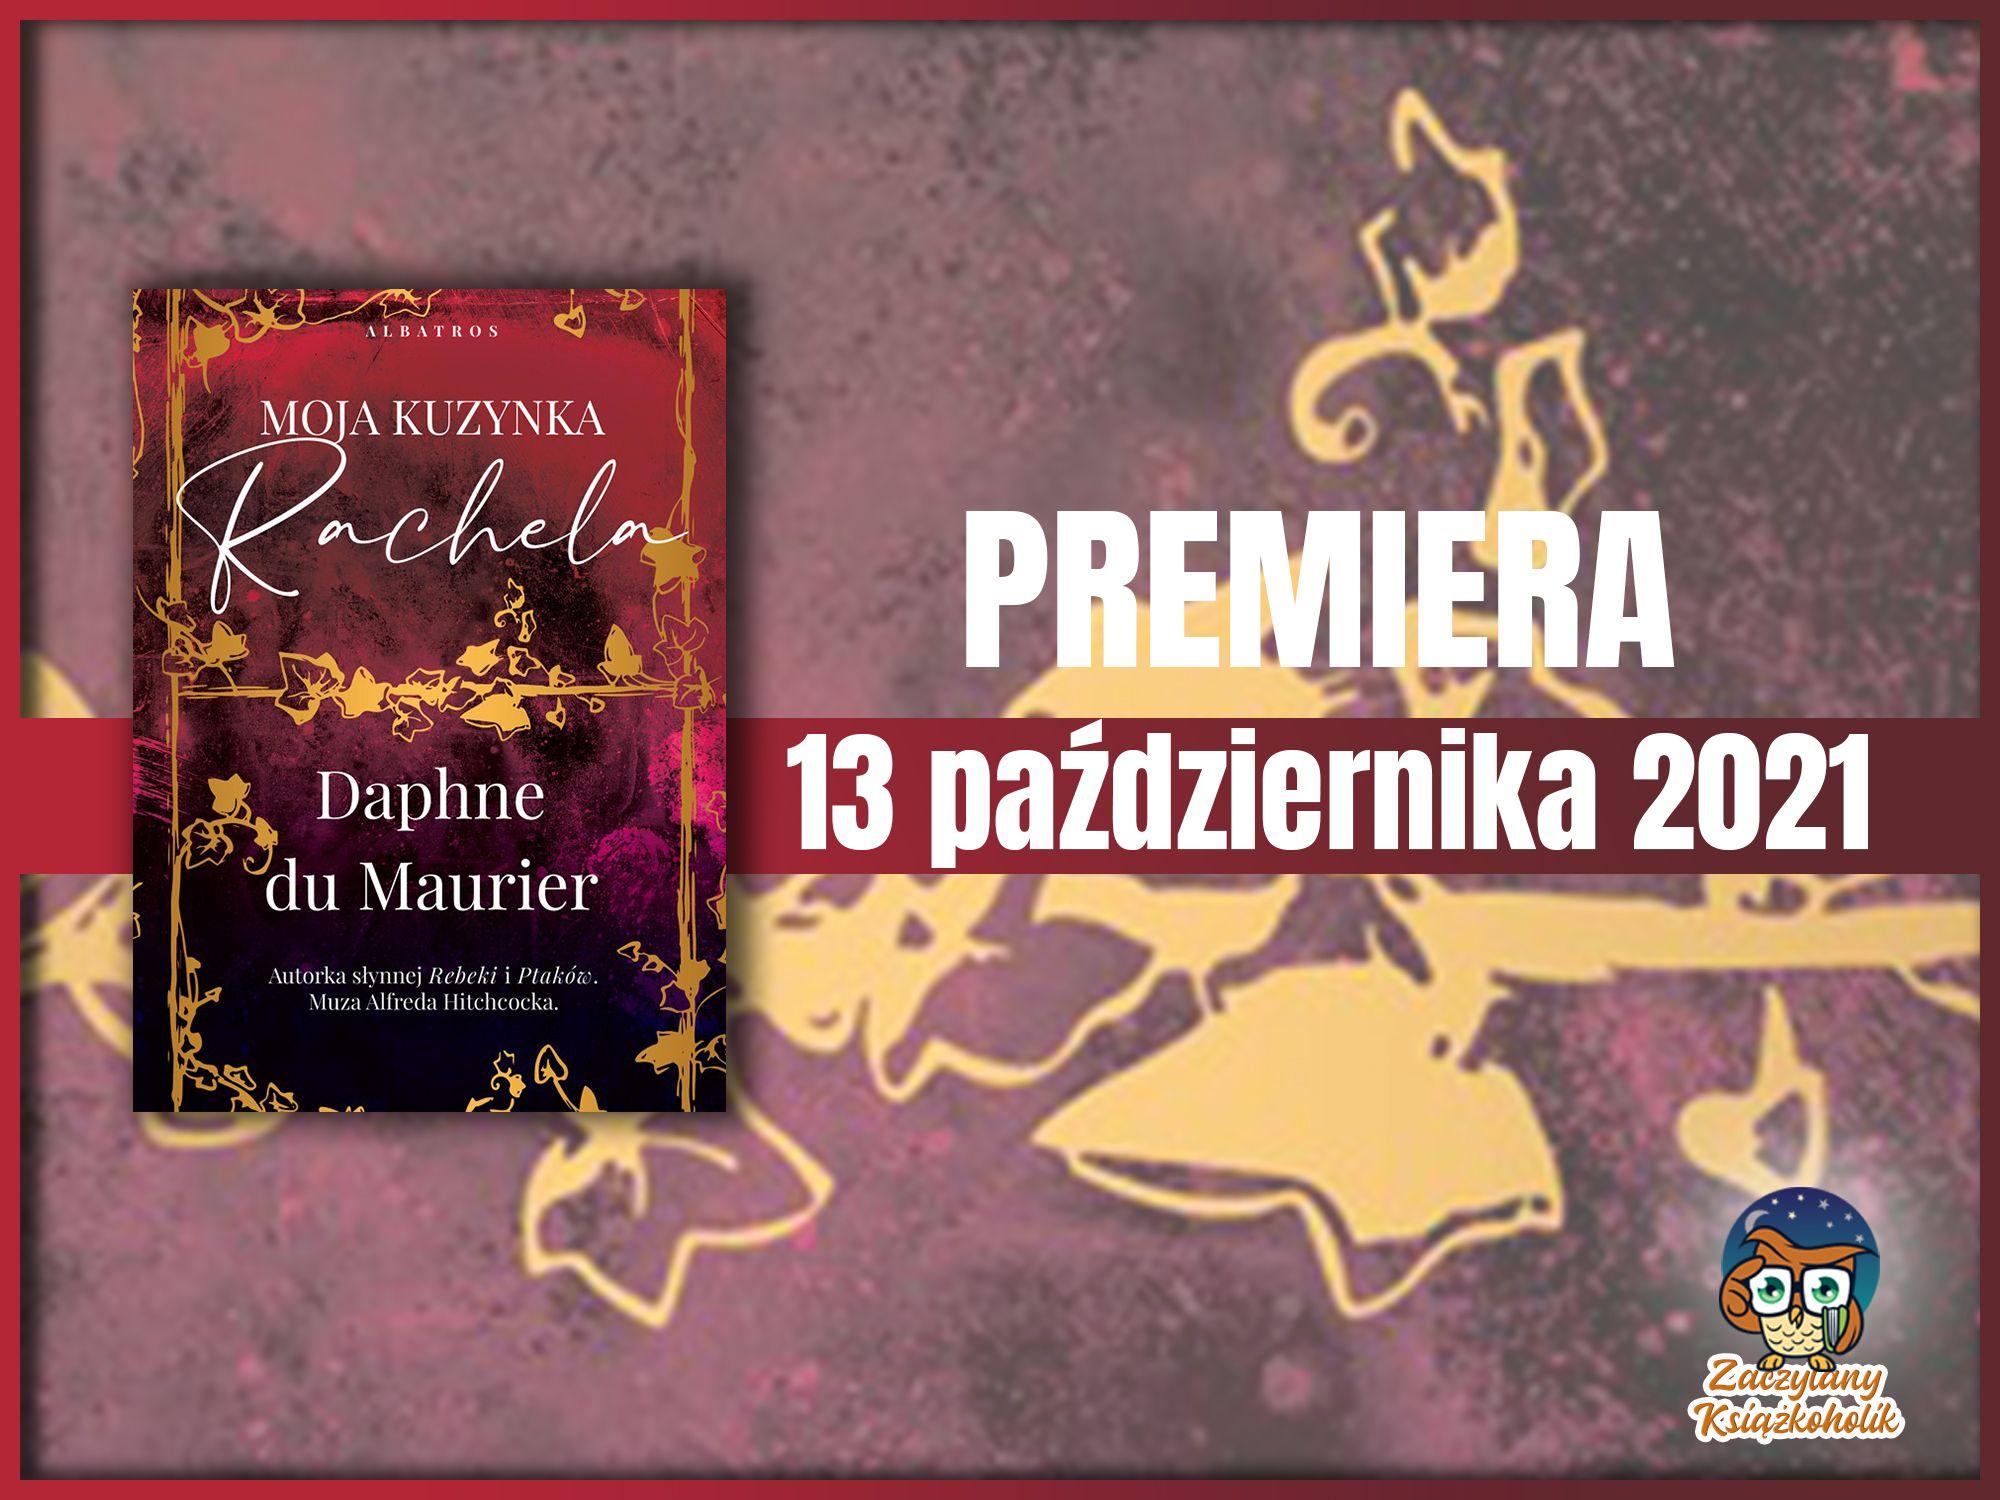 Moja kuzynka Rachela, Daphne du Maurier, zaczytanyksiazkoholik.pl